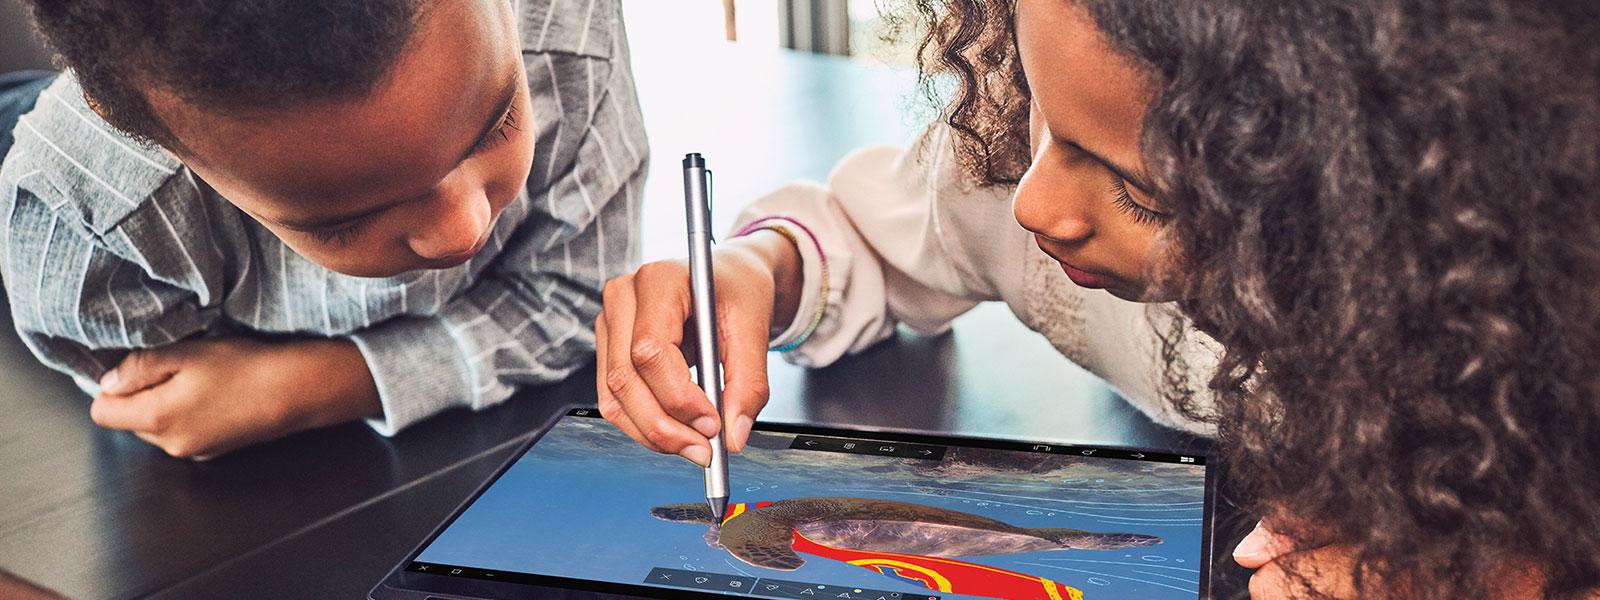 Niños dibujando con Windows Ink